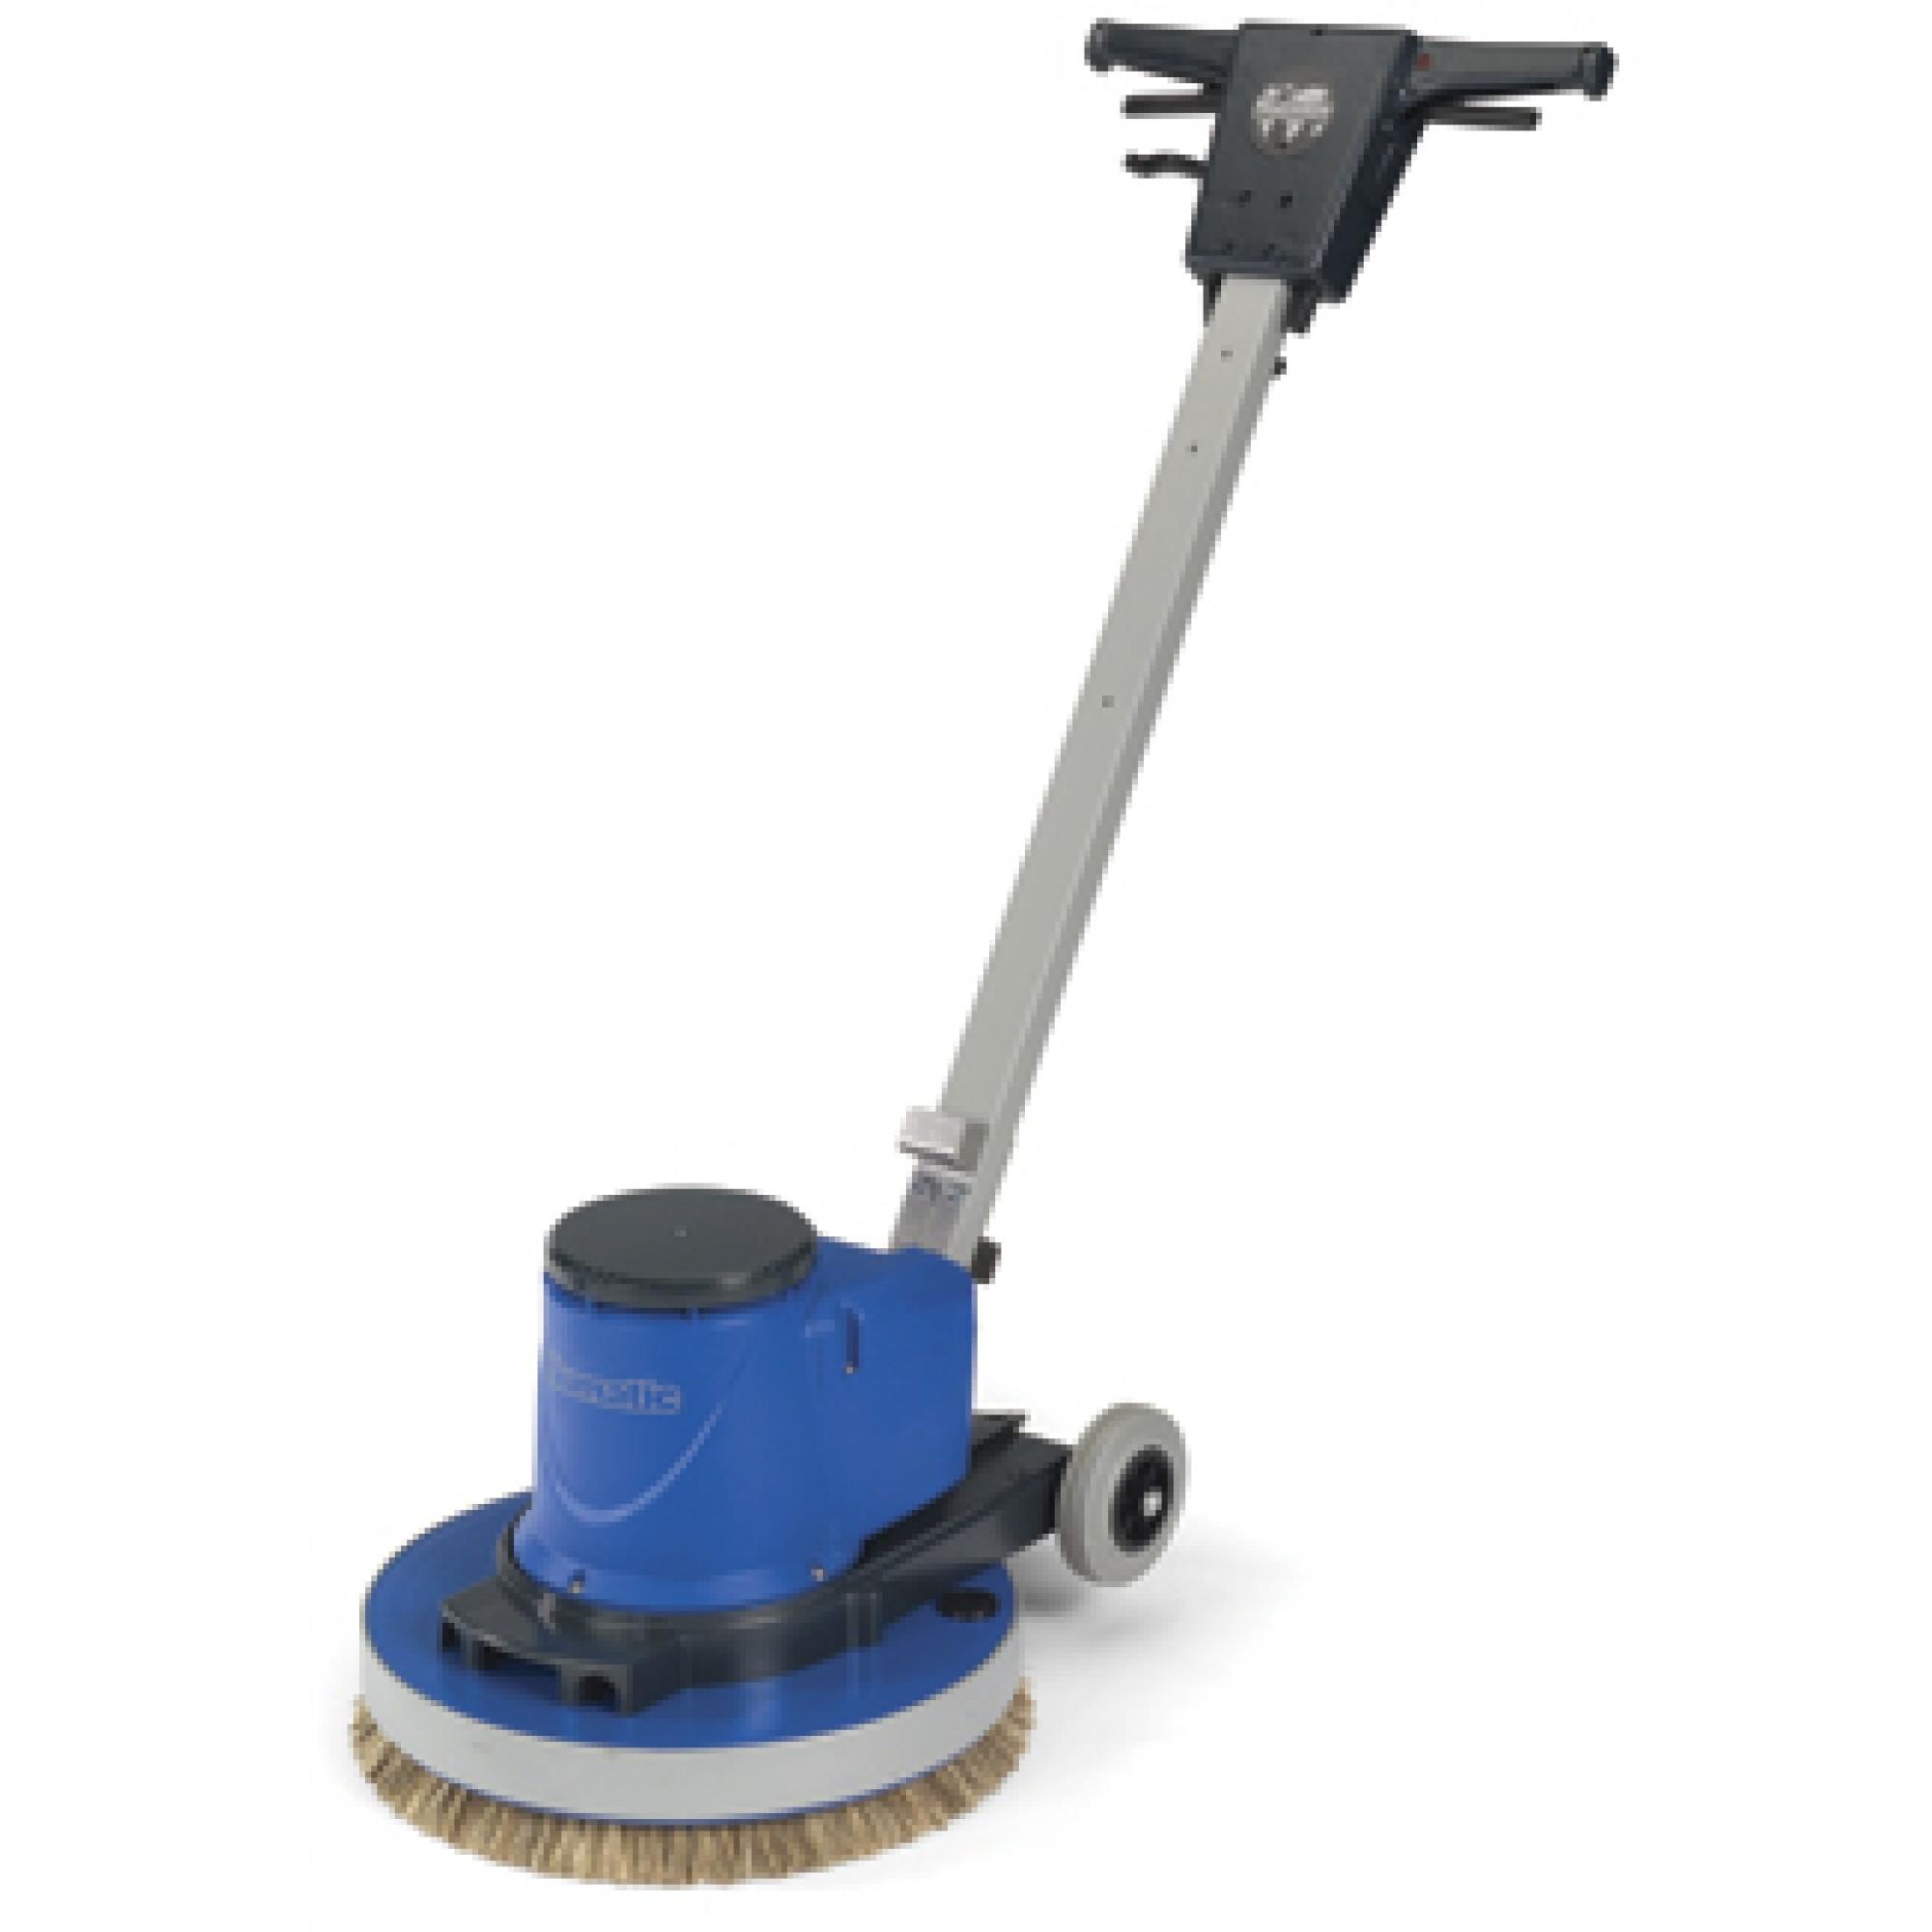 scrubber machine suppliers in Nigeria